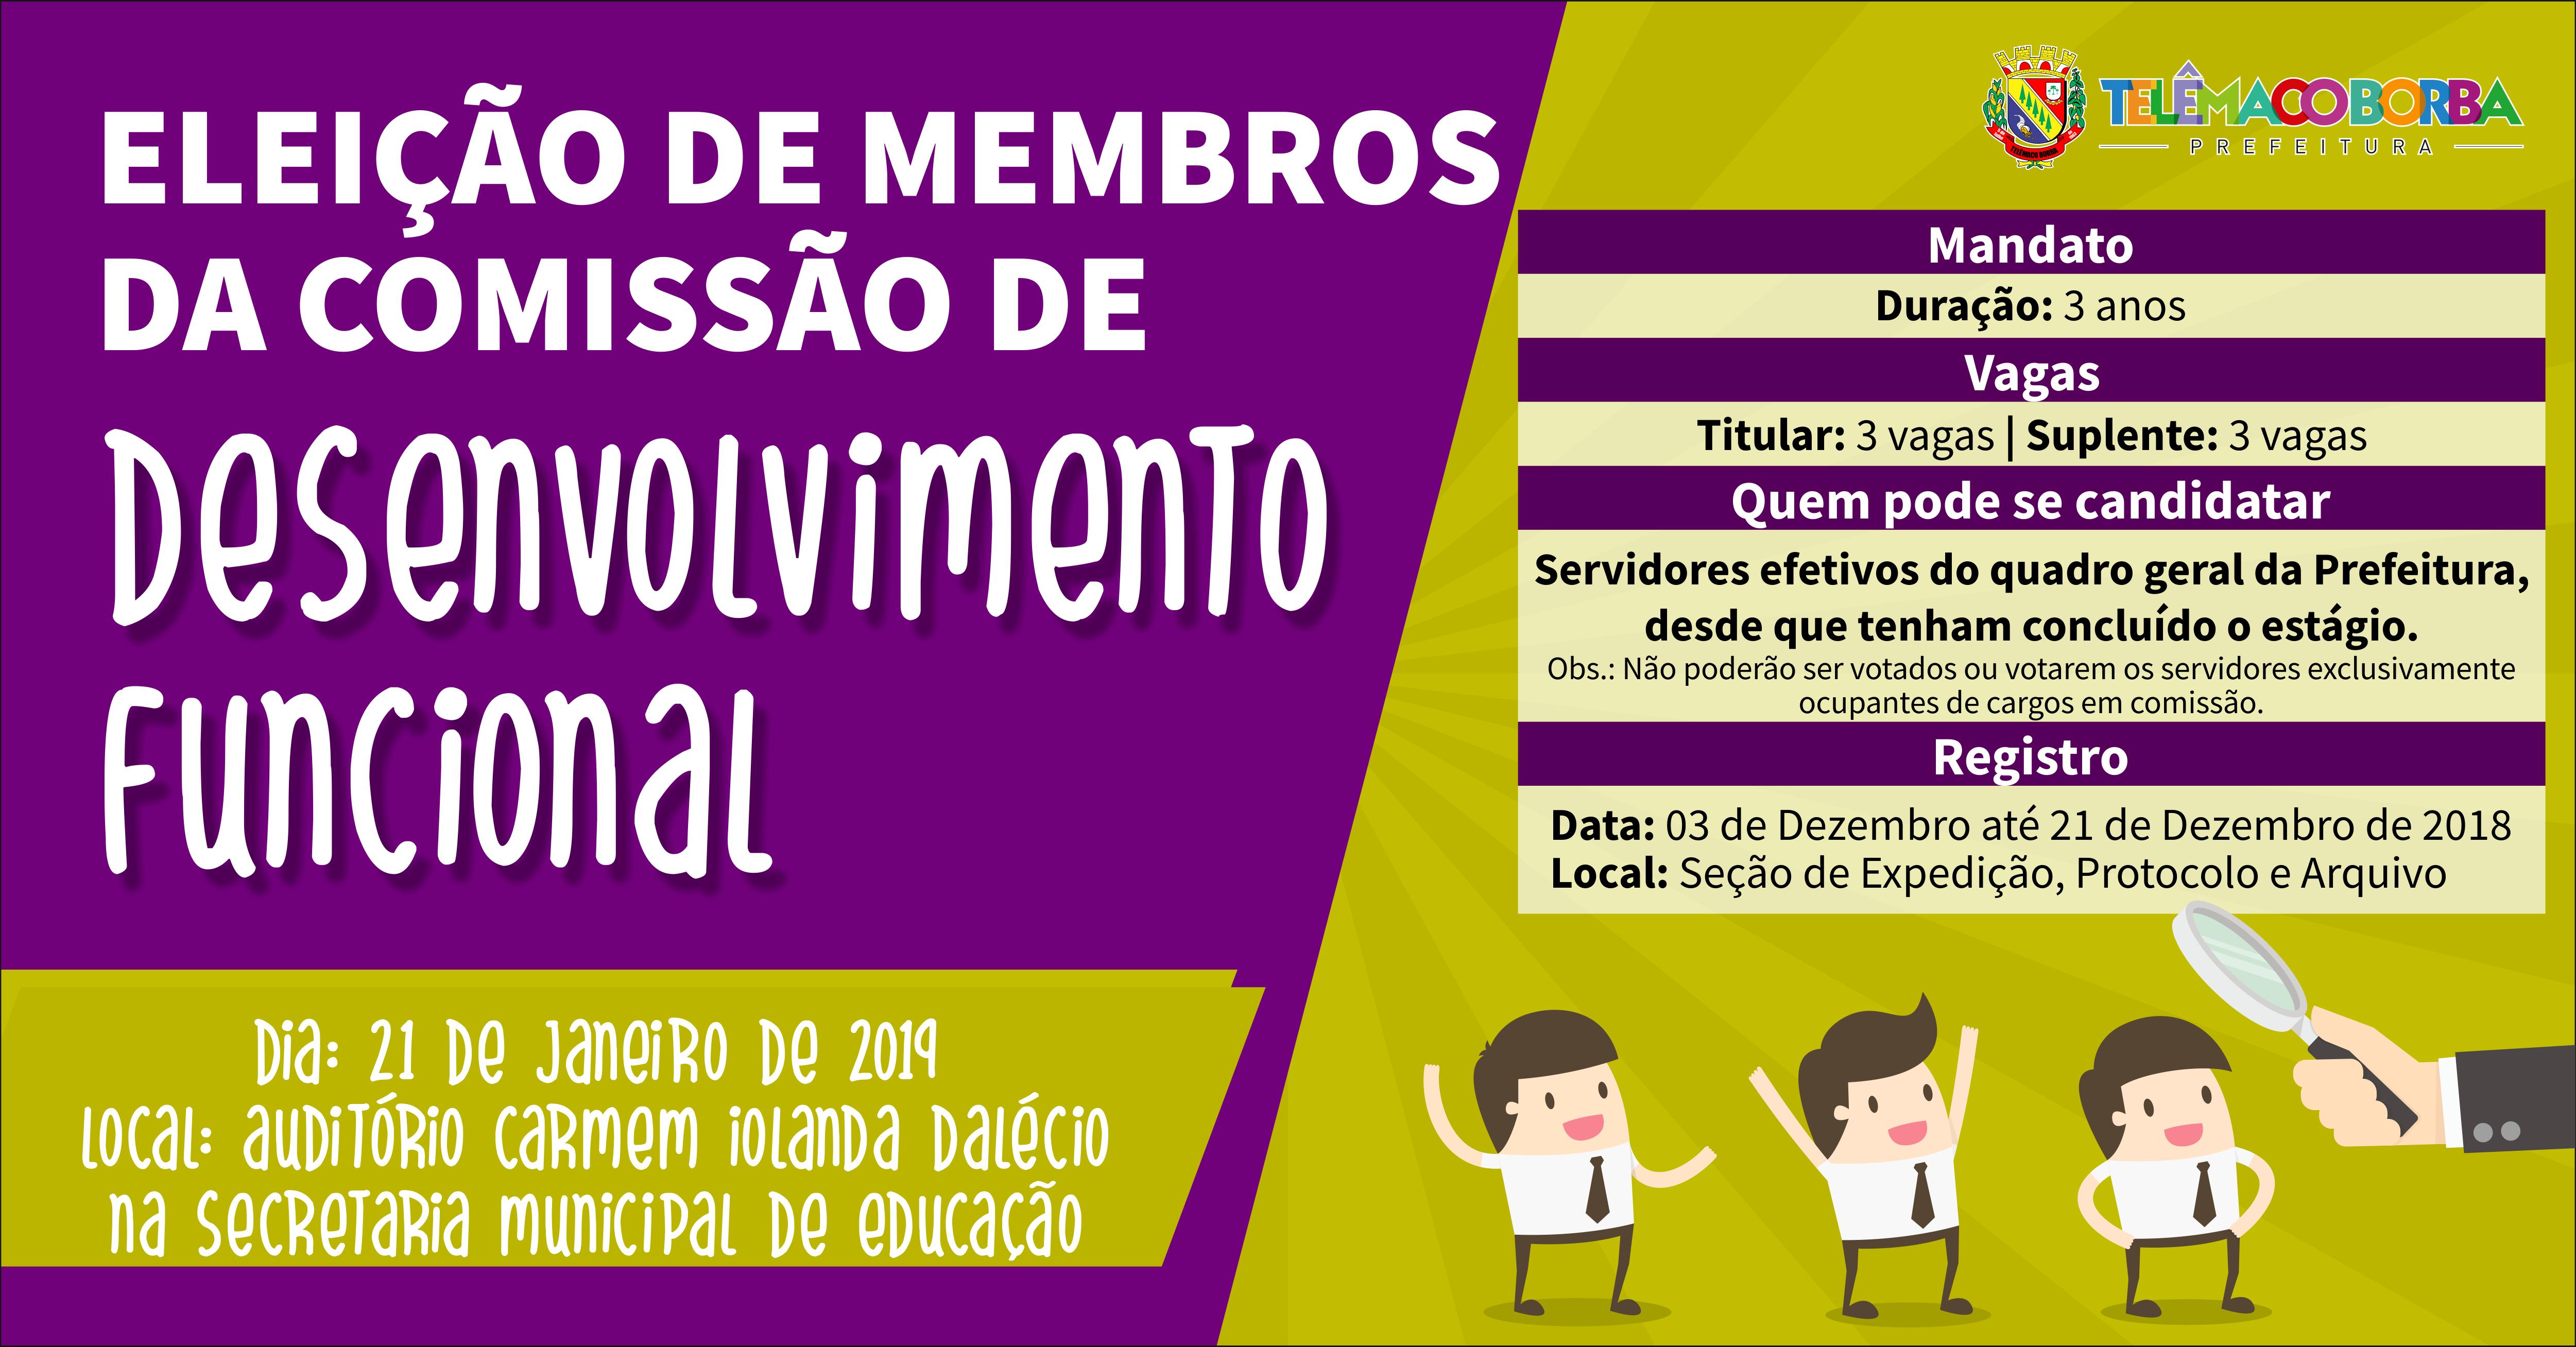 Eleição Membros Comissão Desenvolvimento Funcional